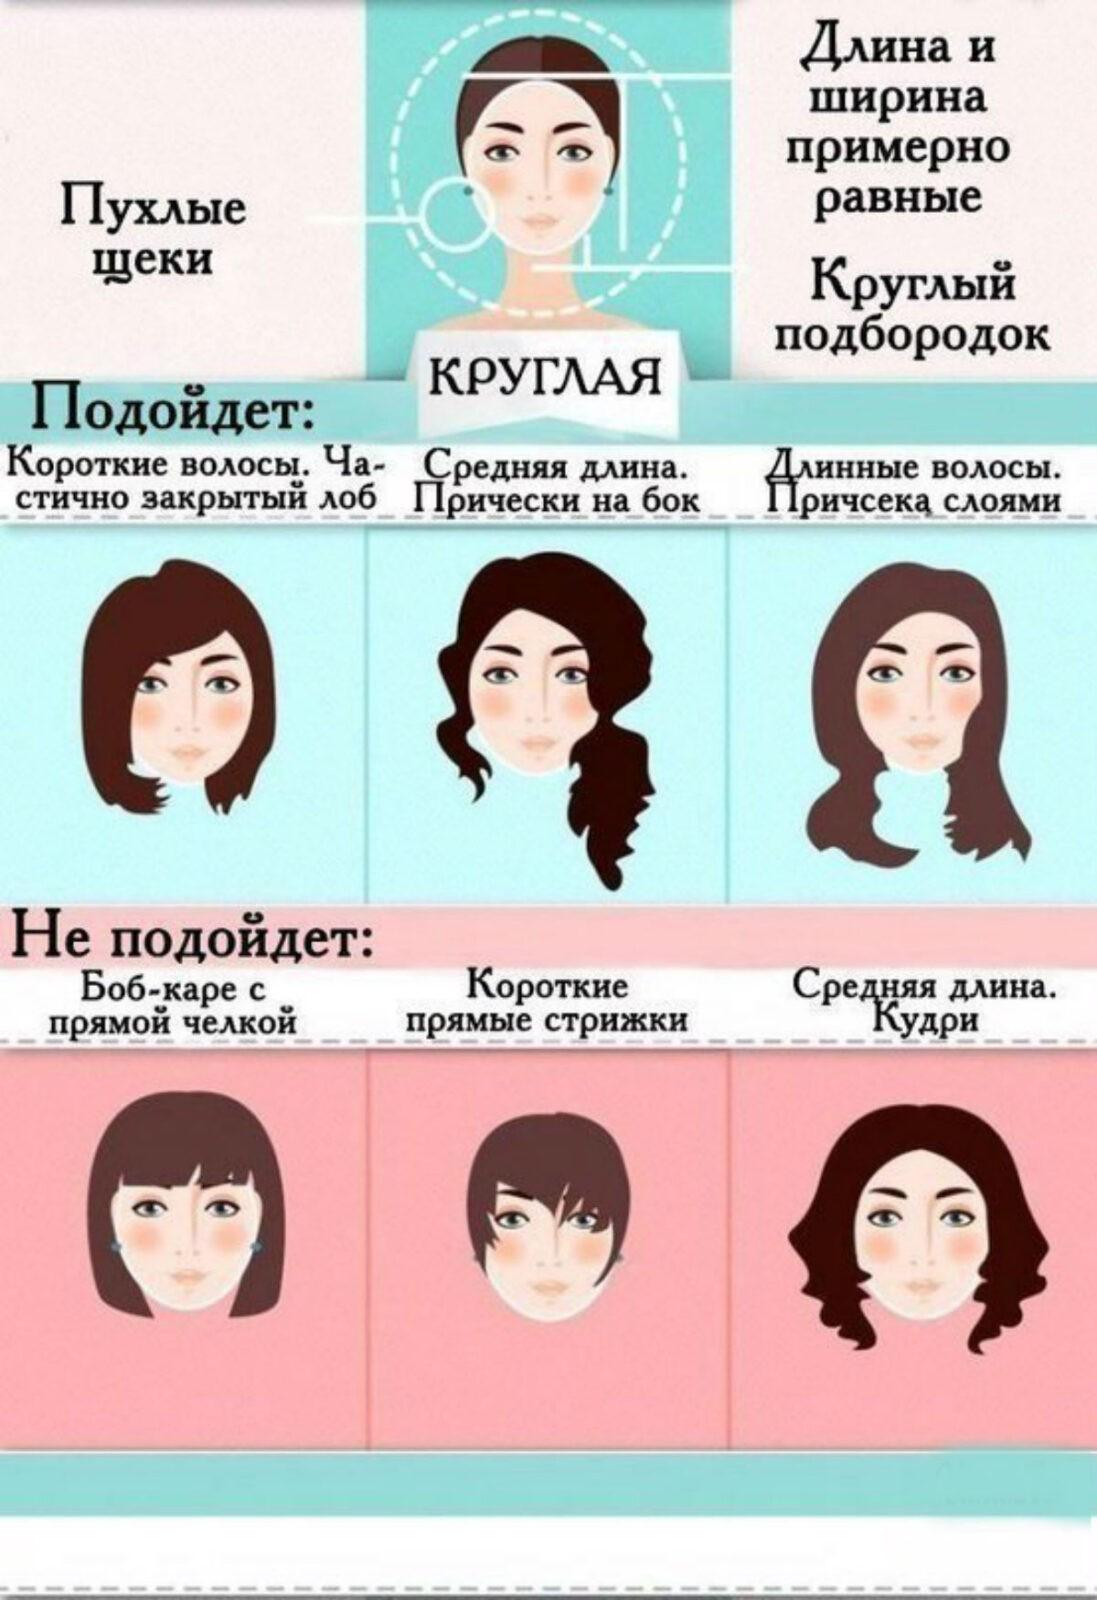 Как выбрать прическу под форму лица